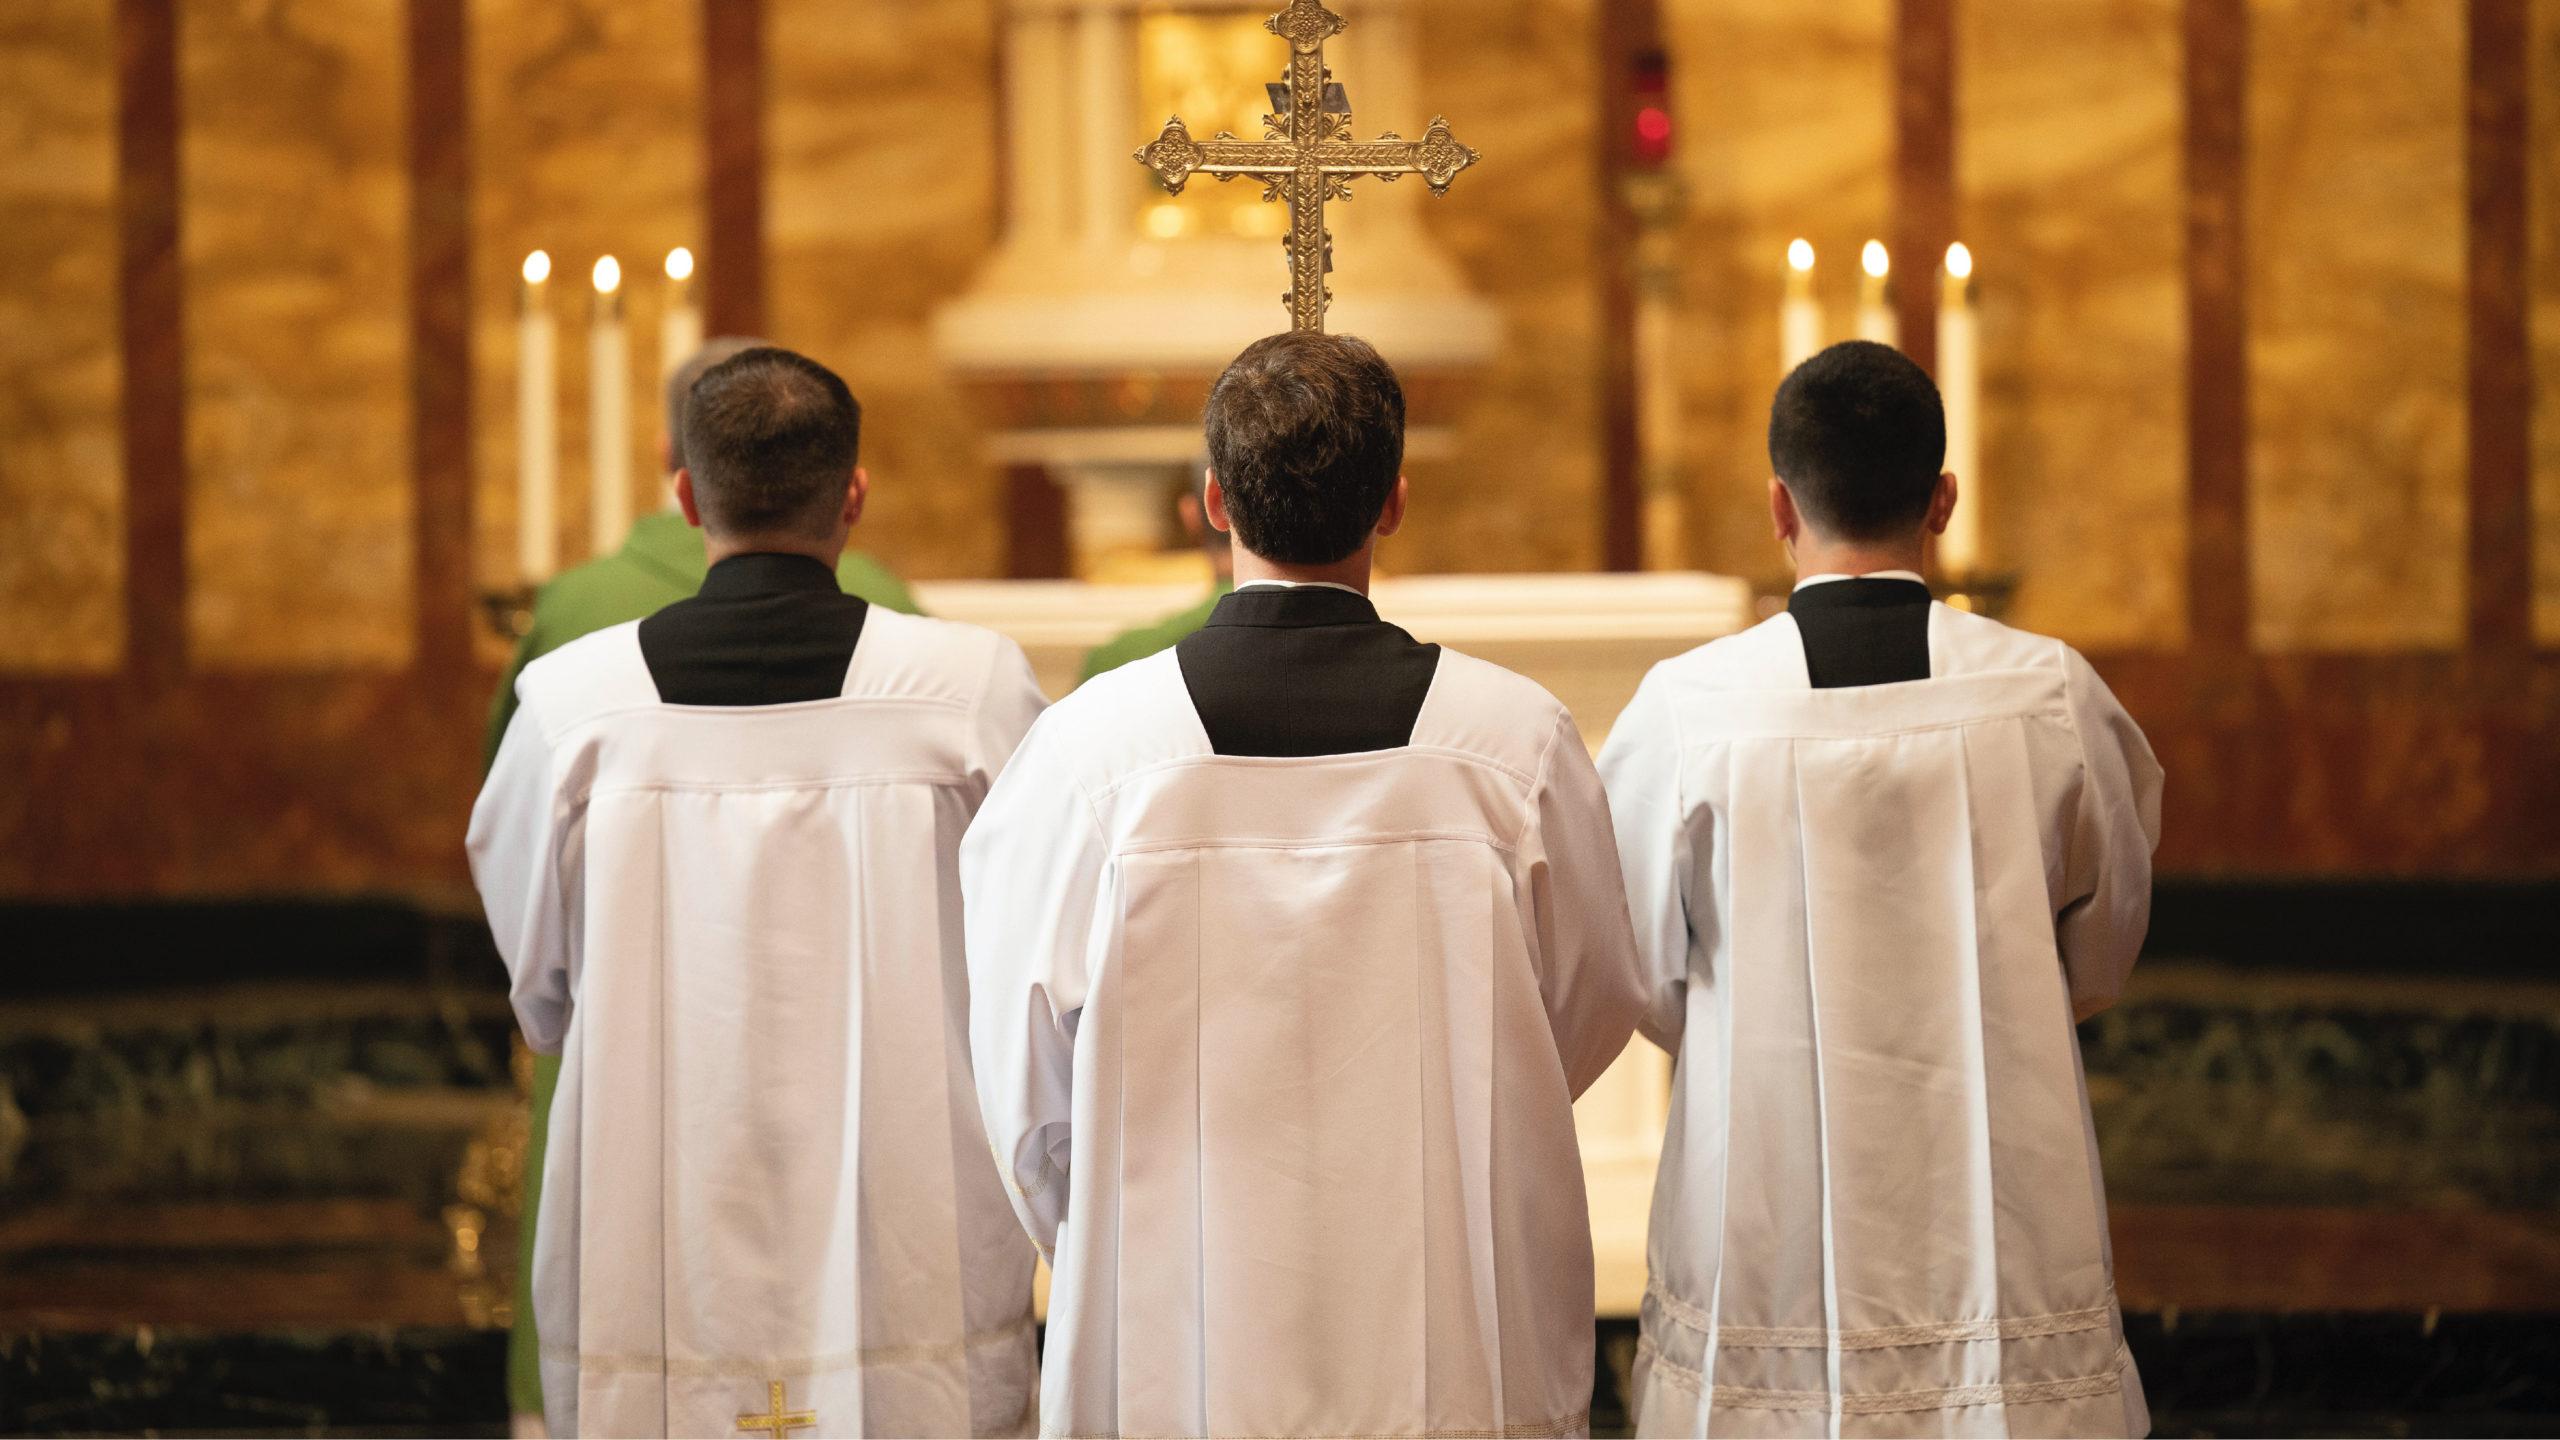 Nuncio de México admite que miembros de la Iglesia encubrieron abusos